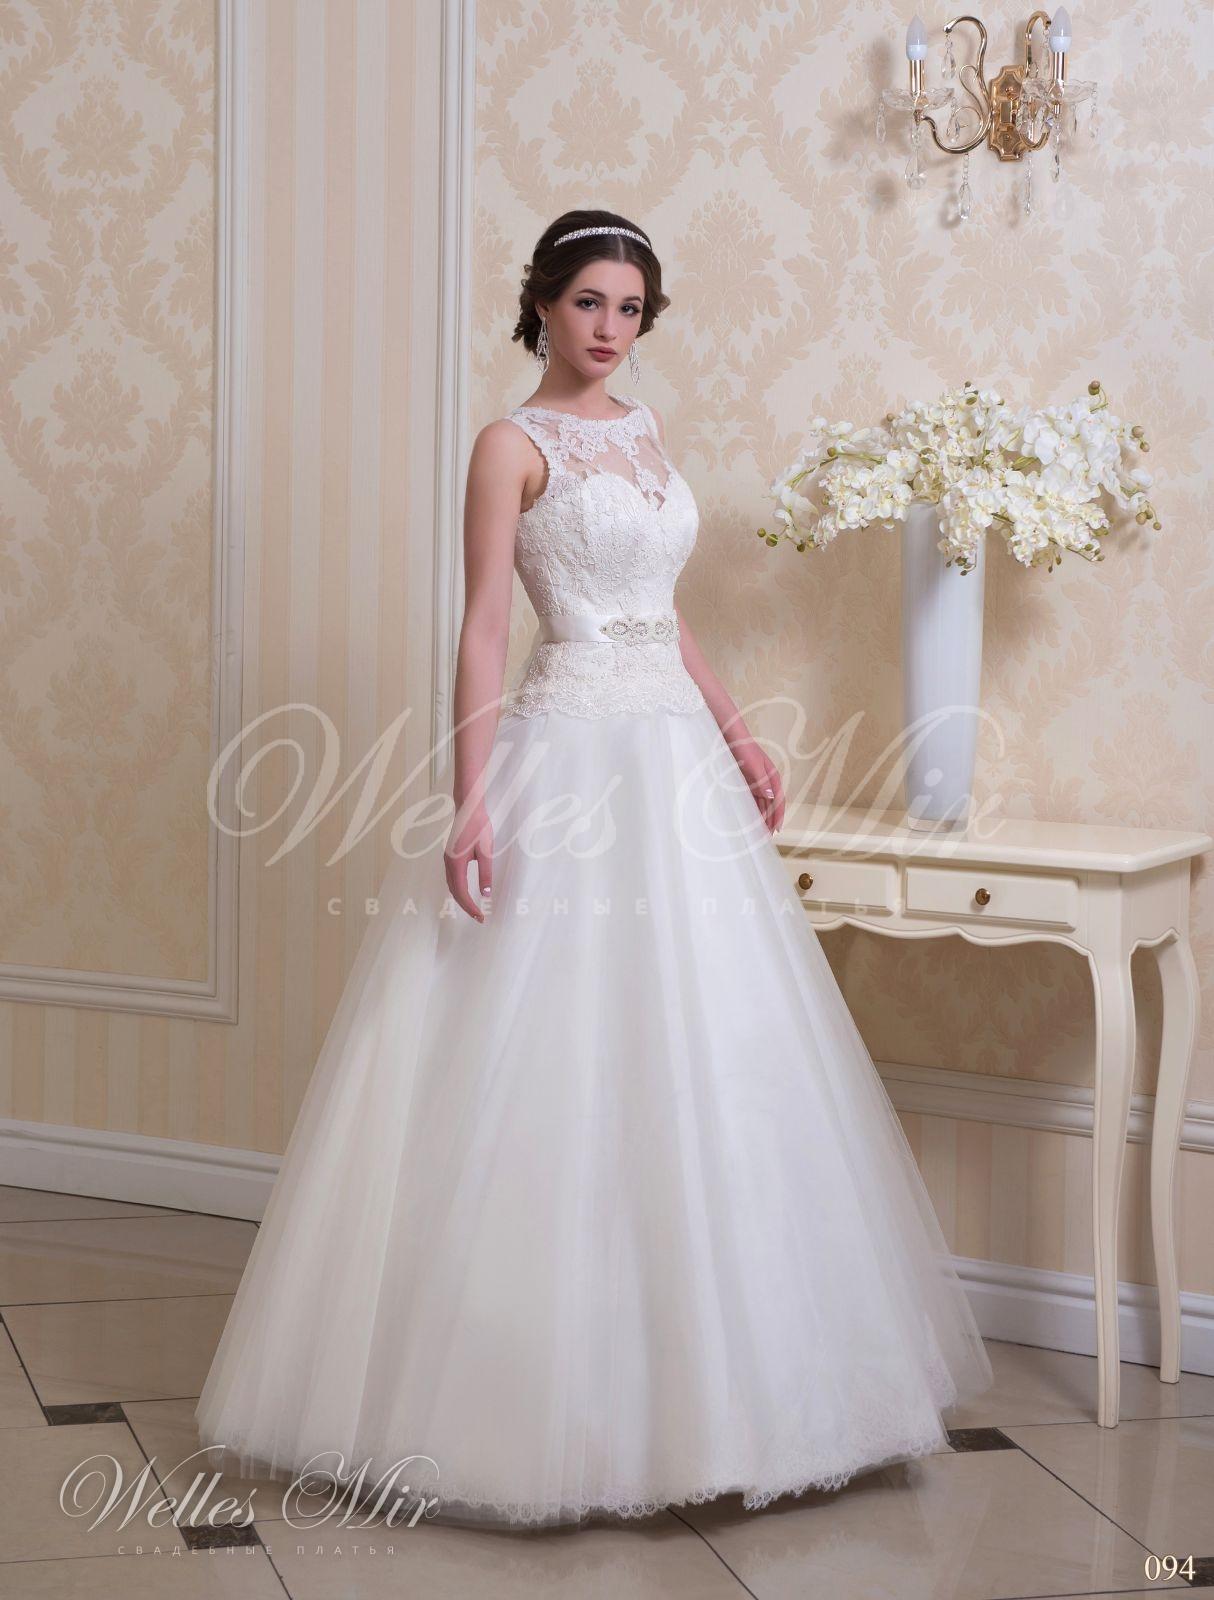 Свадебные платья Charming Elegance - 094